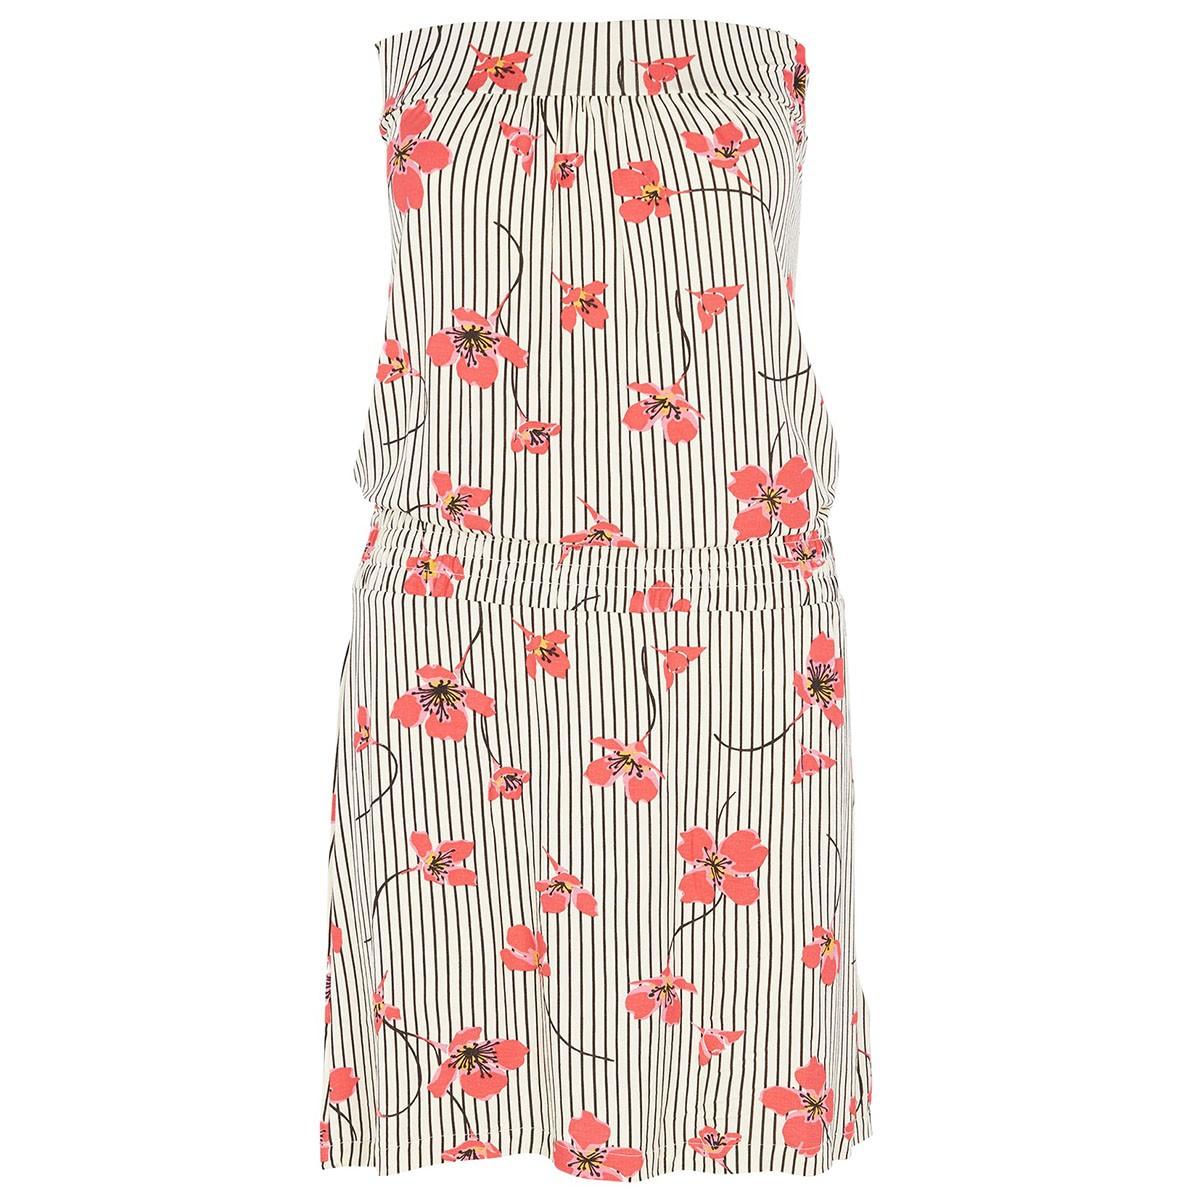 Billabong New Amed haljina Spremna za leto: Evo gde možeš da pronađeš baš sve što ti je potrebno!